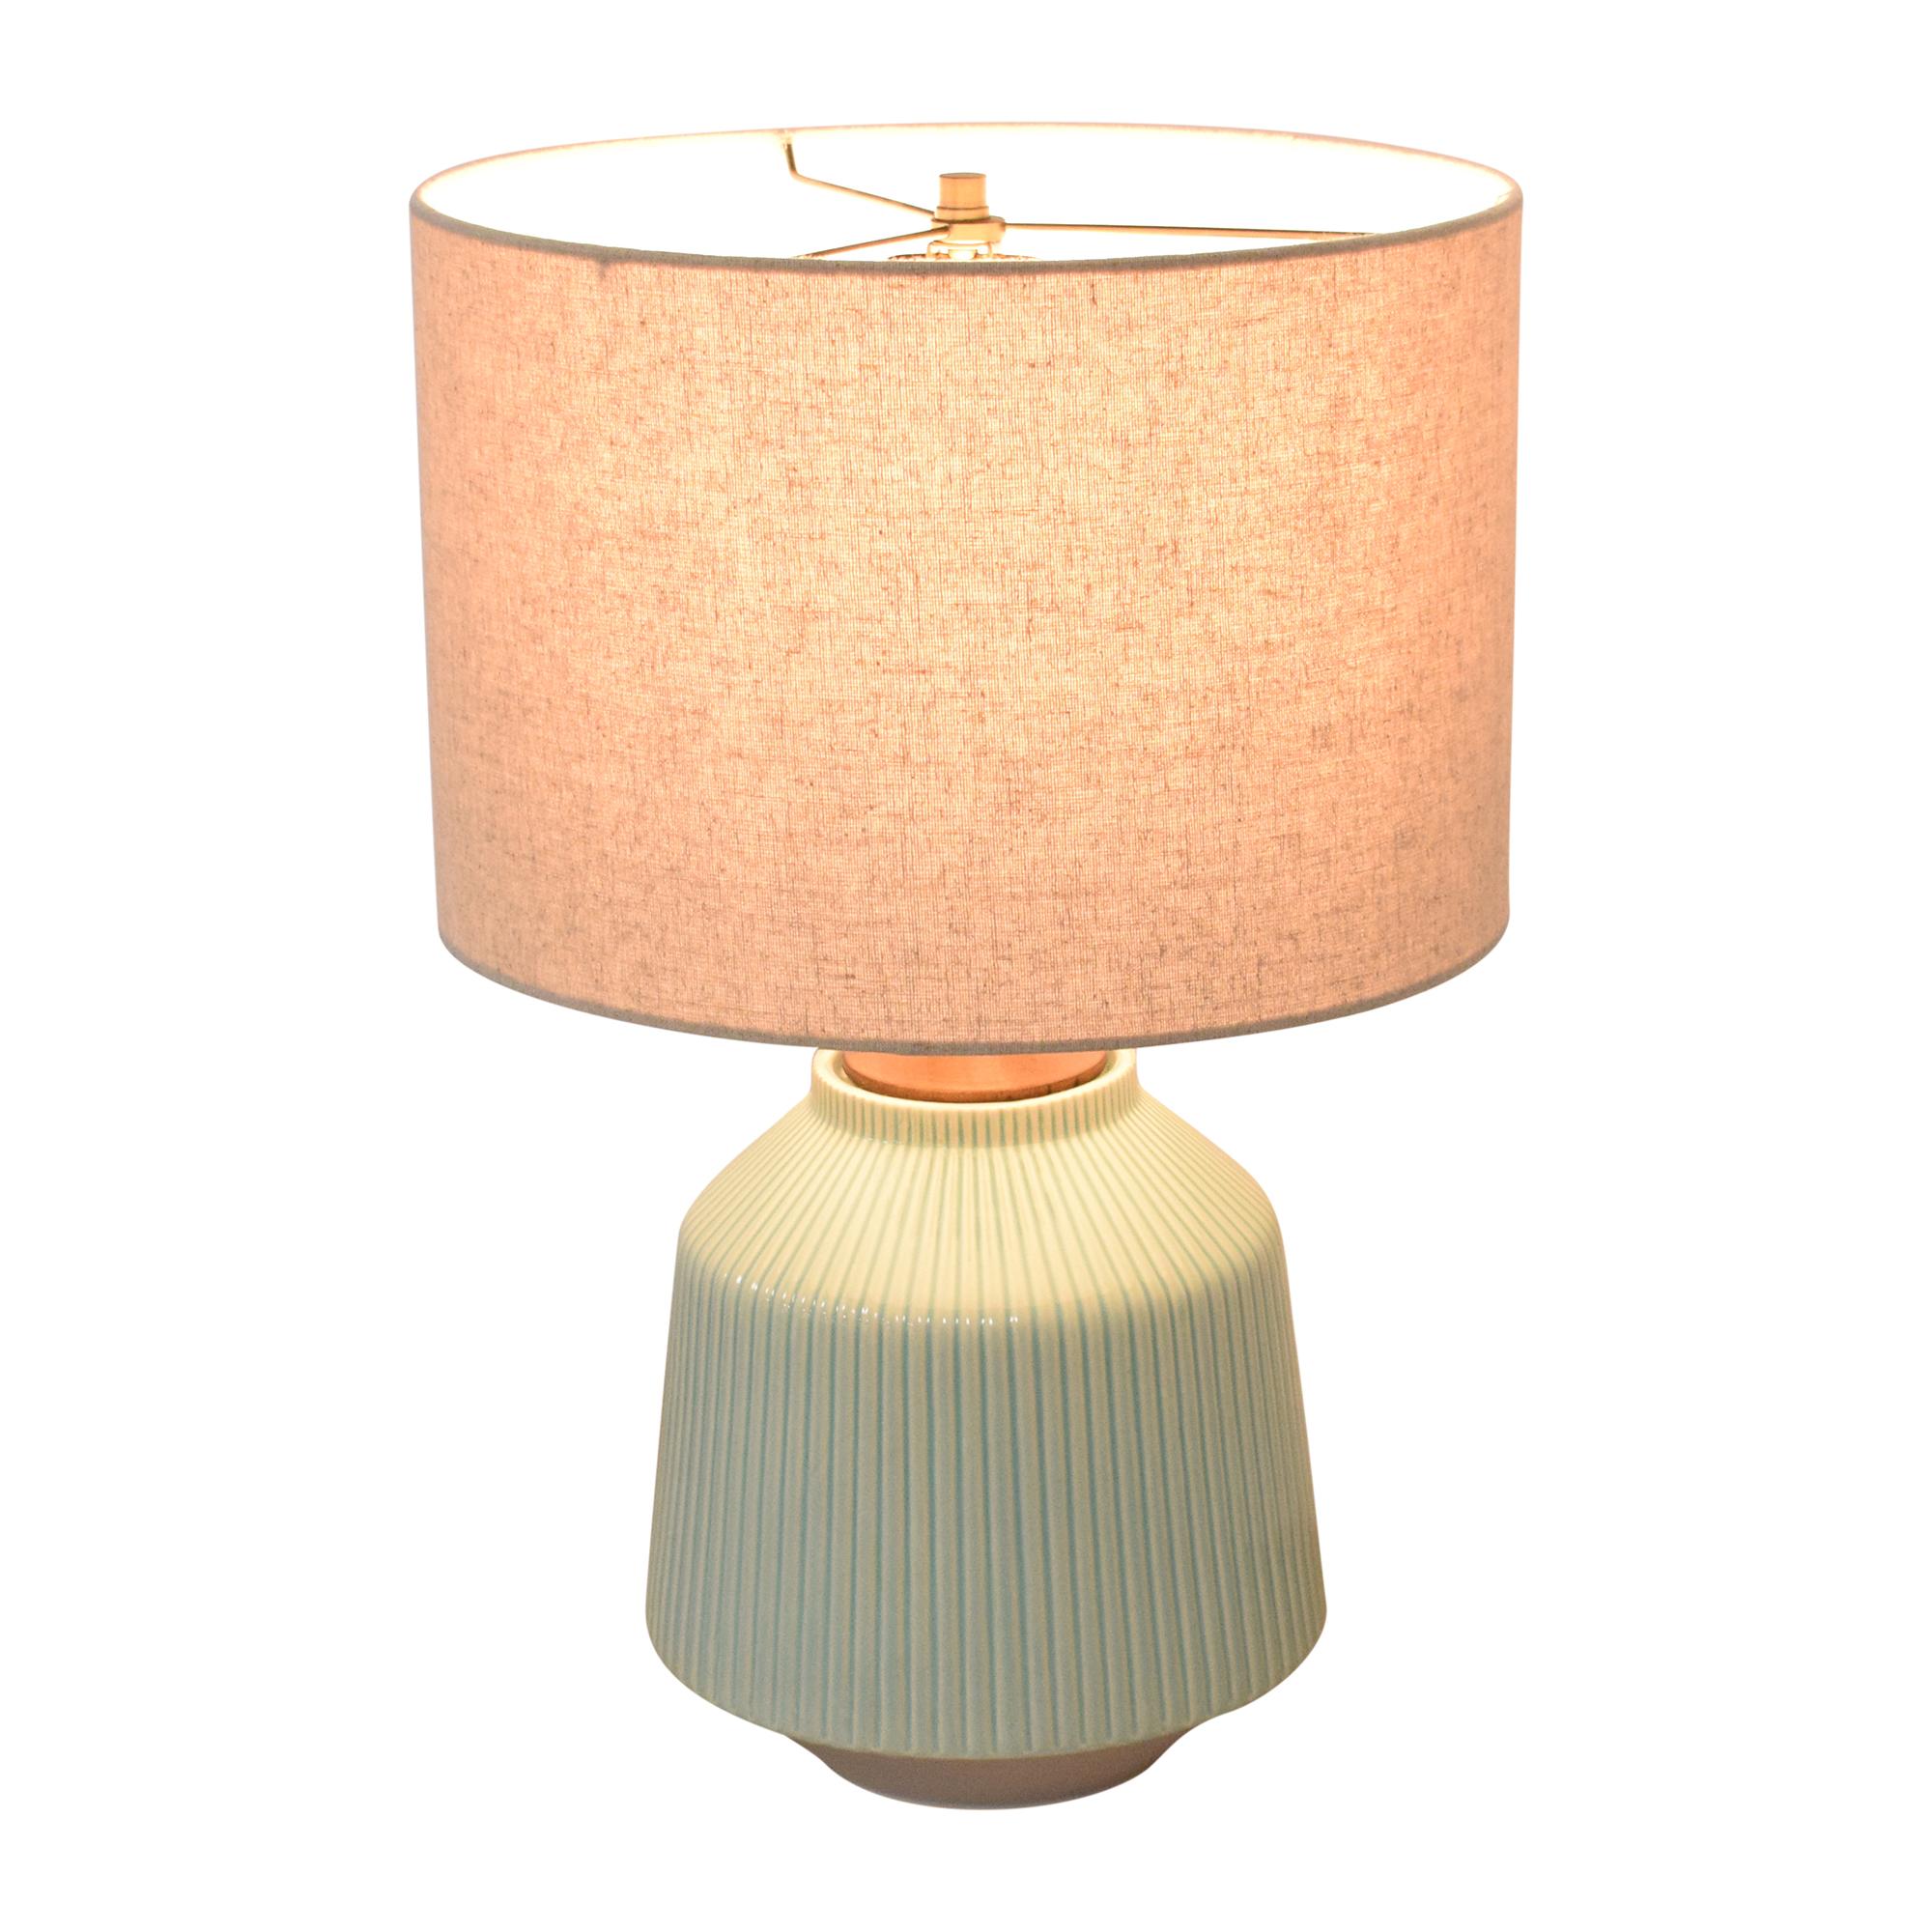 West Elm Roar & Rabbit Lamp / Lamps